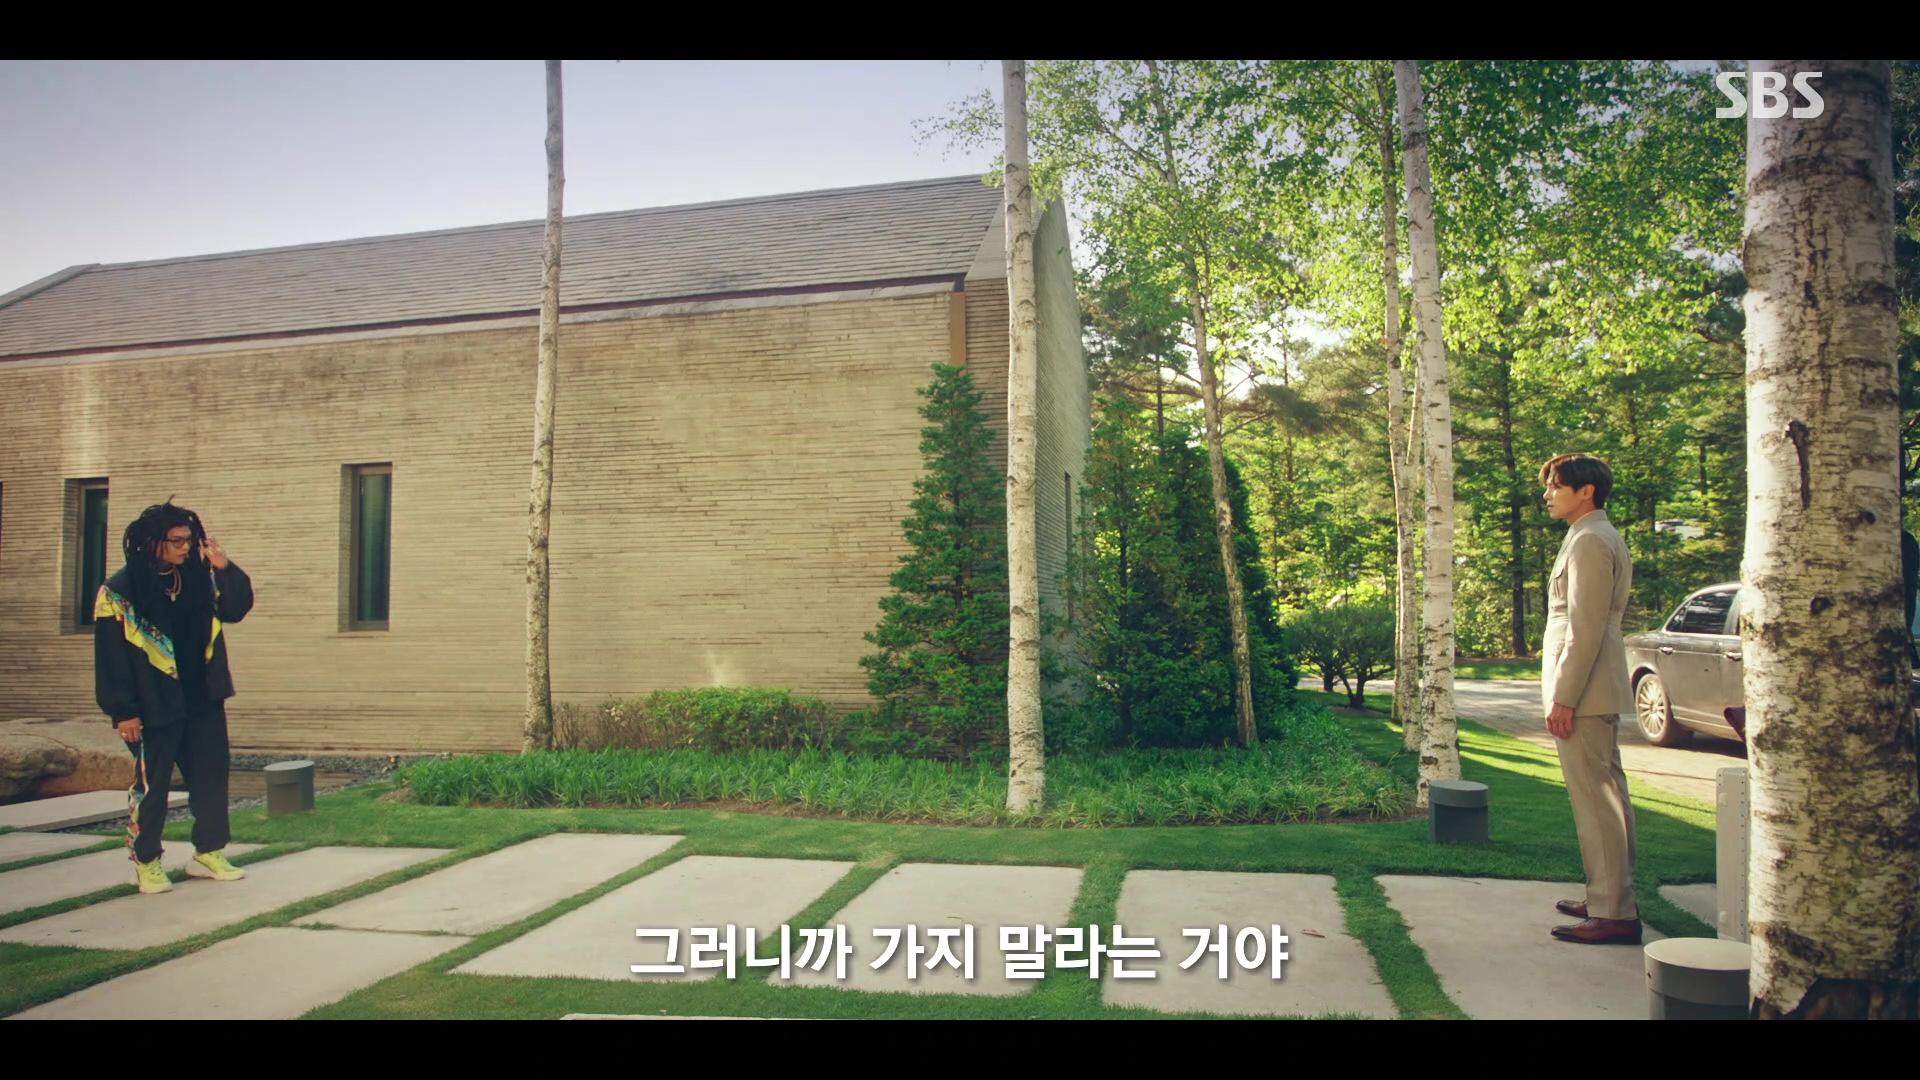 Penthouse Season 3 Episode 2 Recap and Review